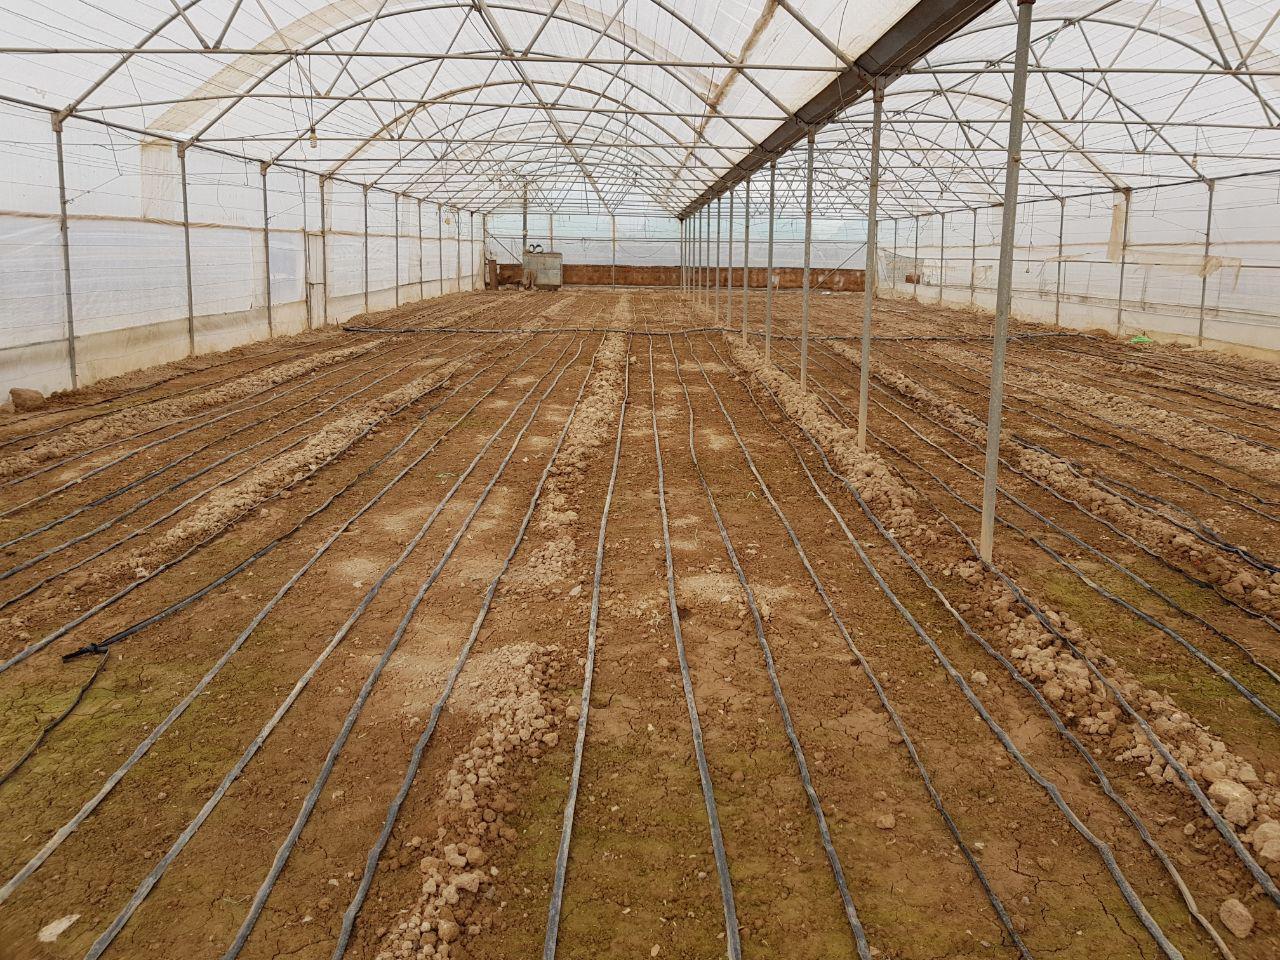 کاشت سیر با استفاده از امولسیون امیک در سمنان